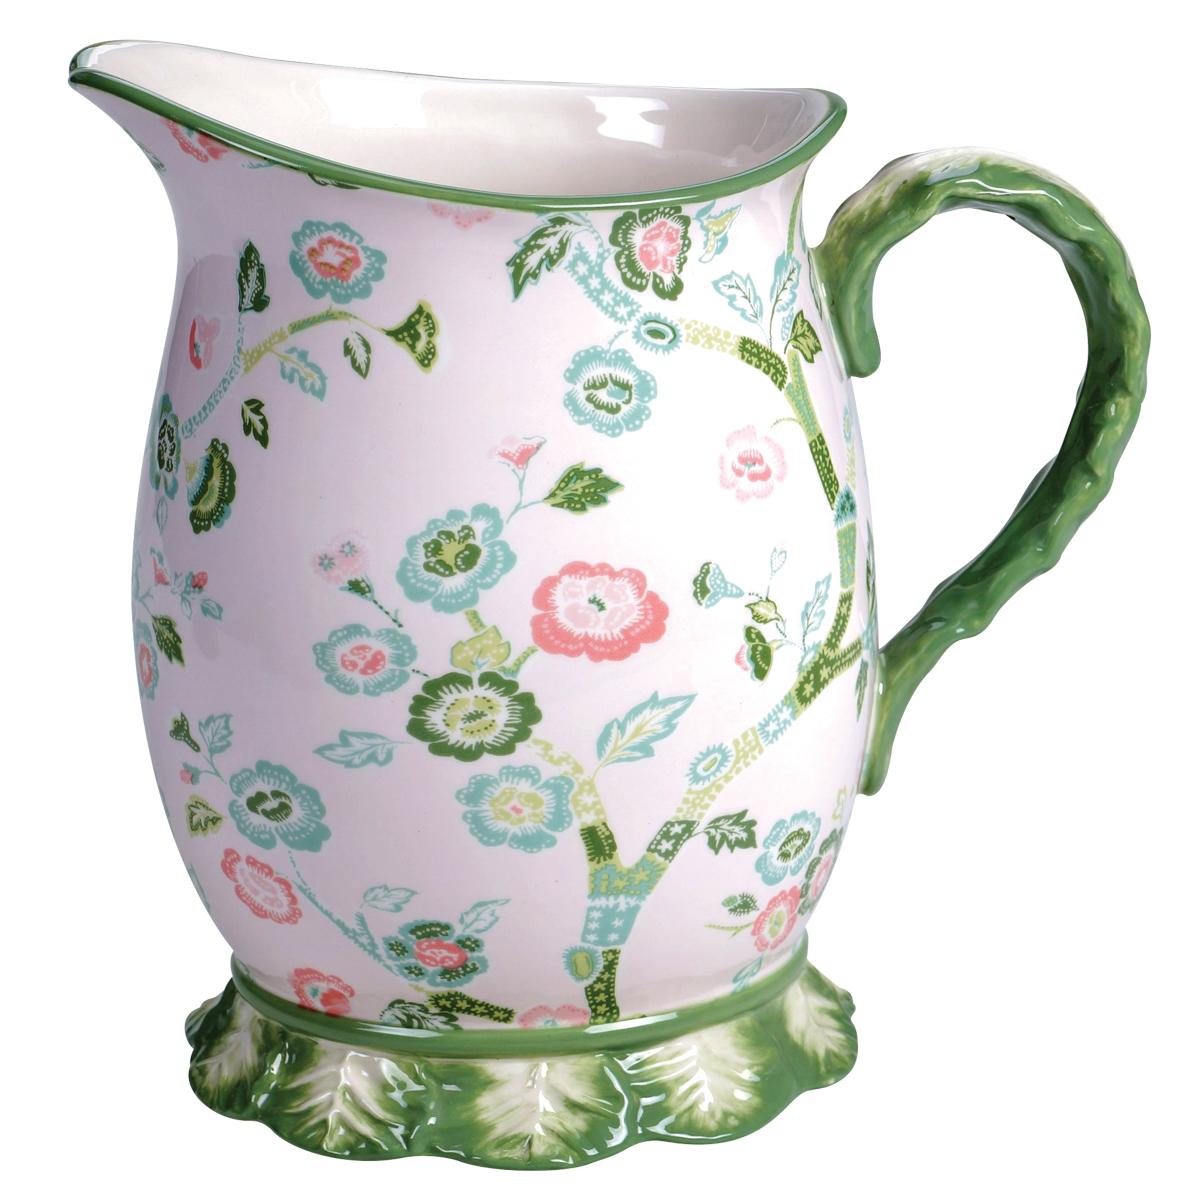 Earthenware jug